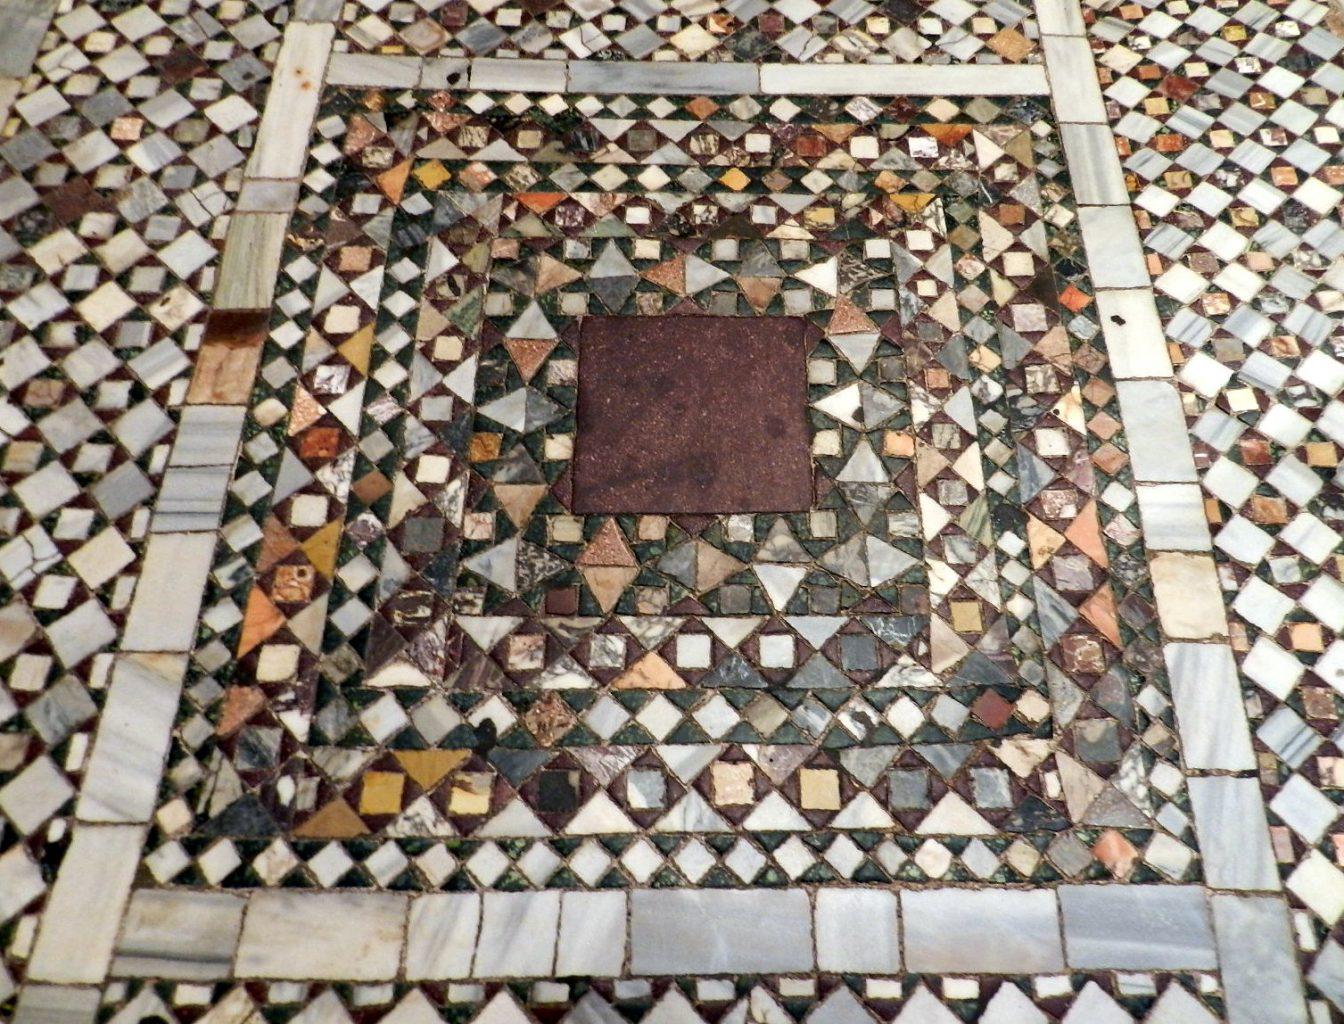 Mosaic Craft The Tiled Floors Of St Mark S Basilica Venice